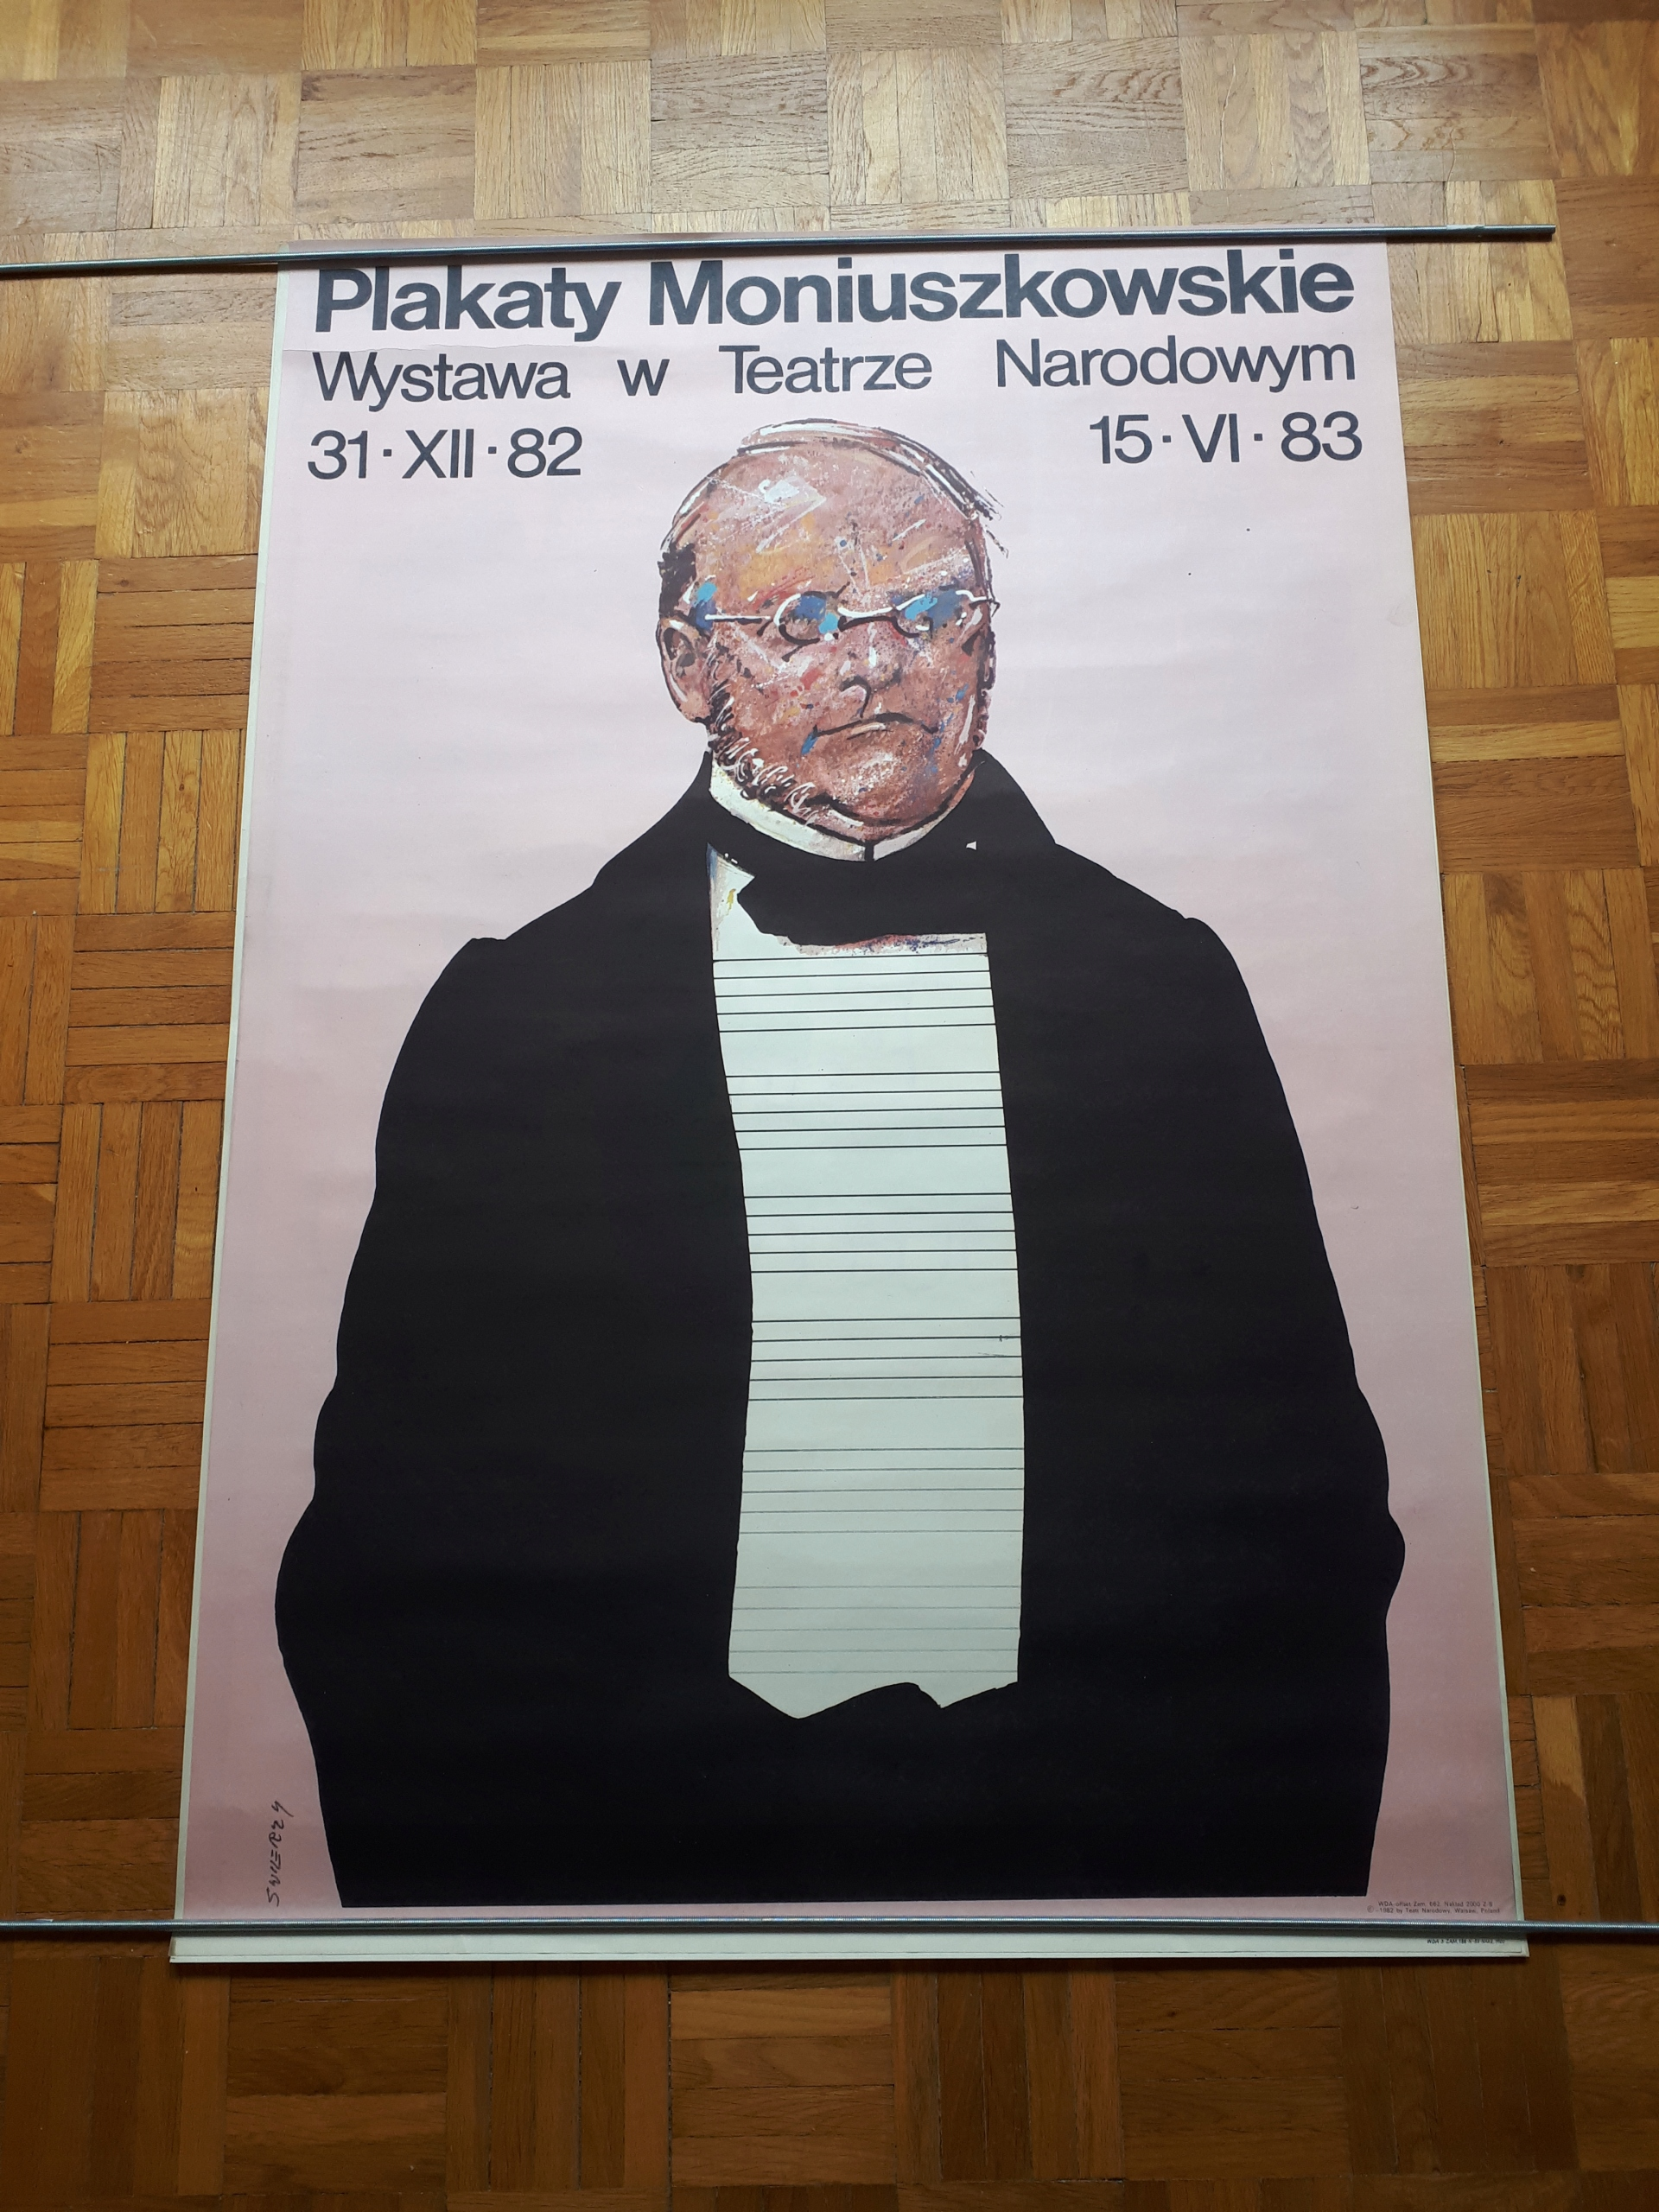 Plakat Wświerzy Plakaty Moniuszkowskie 1982 Rok